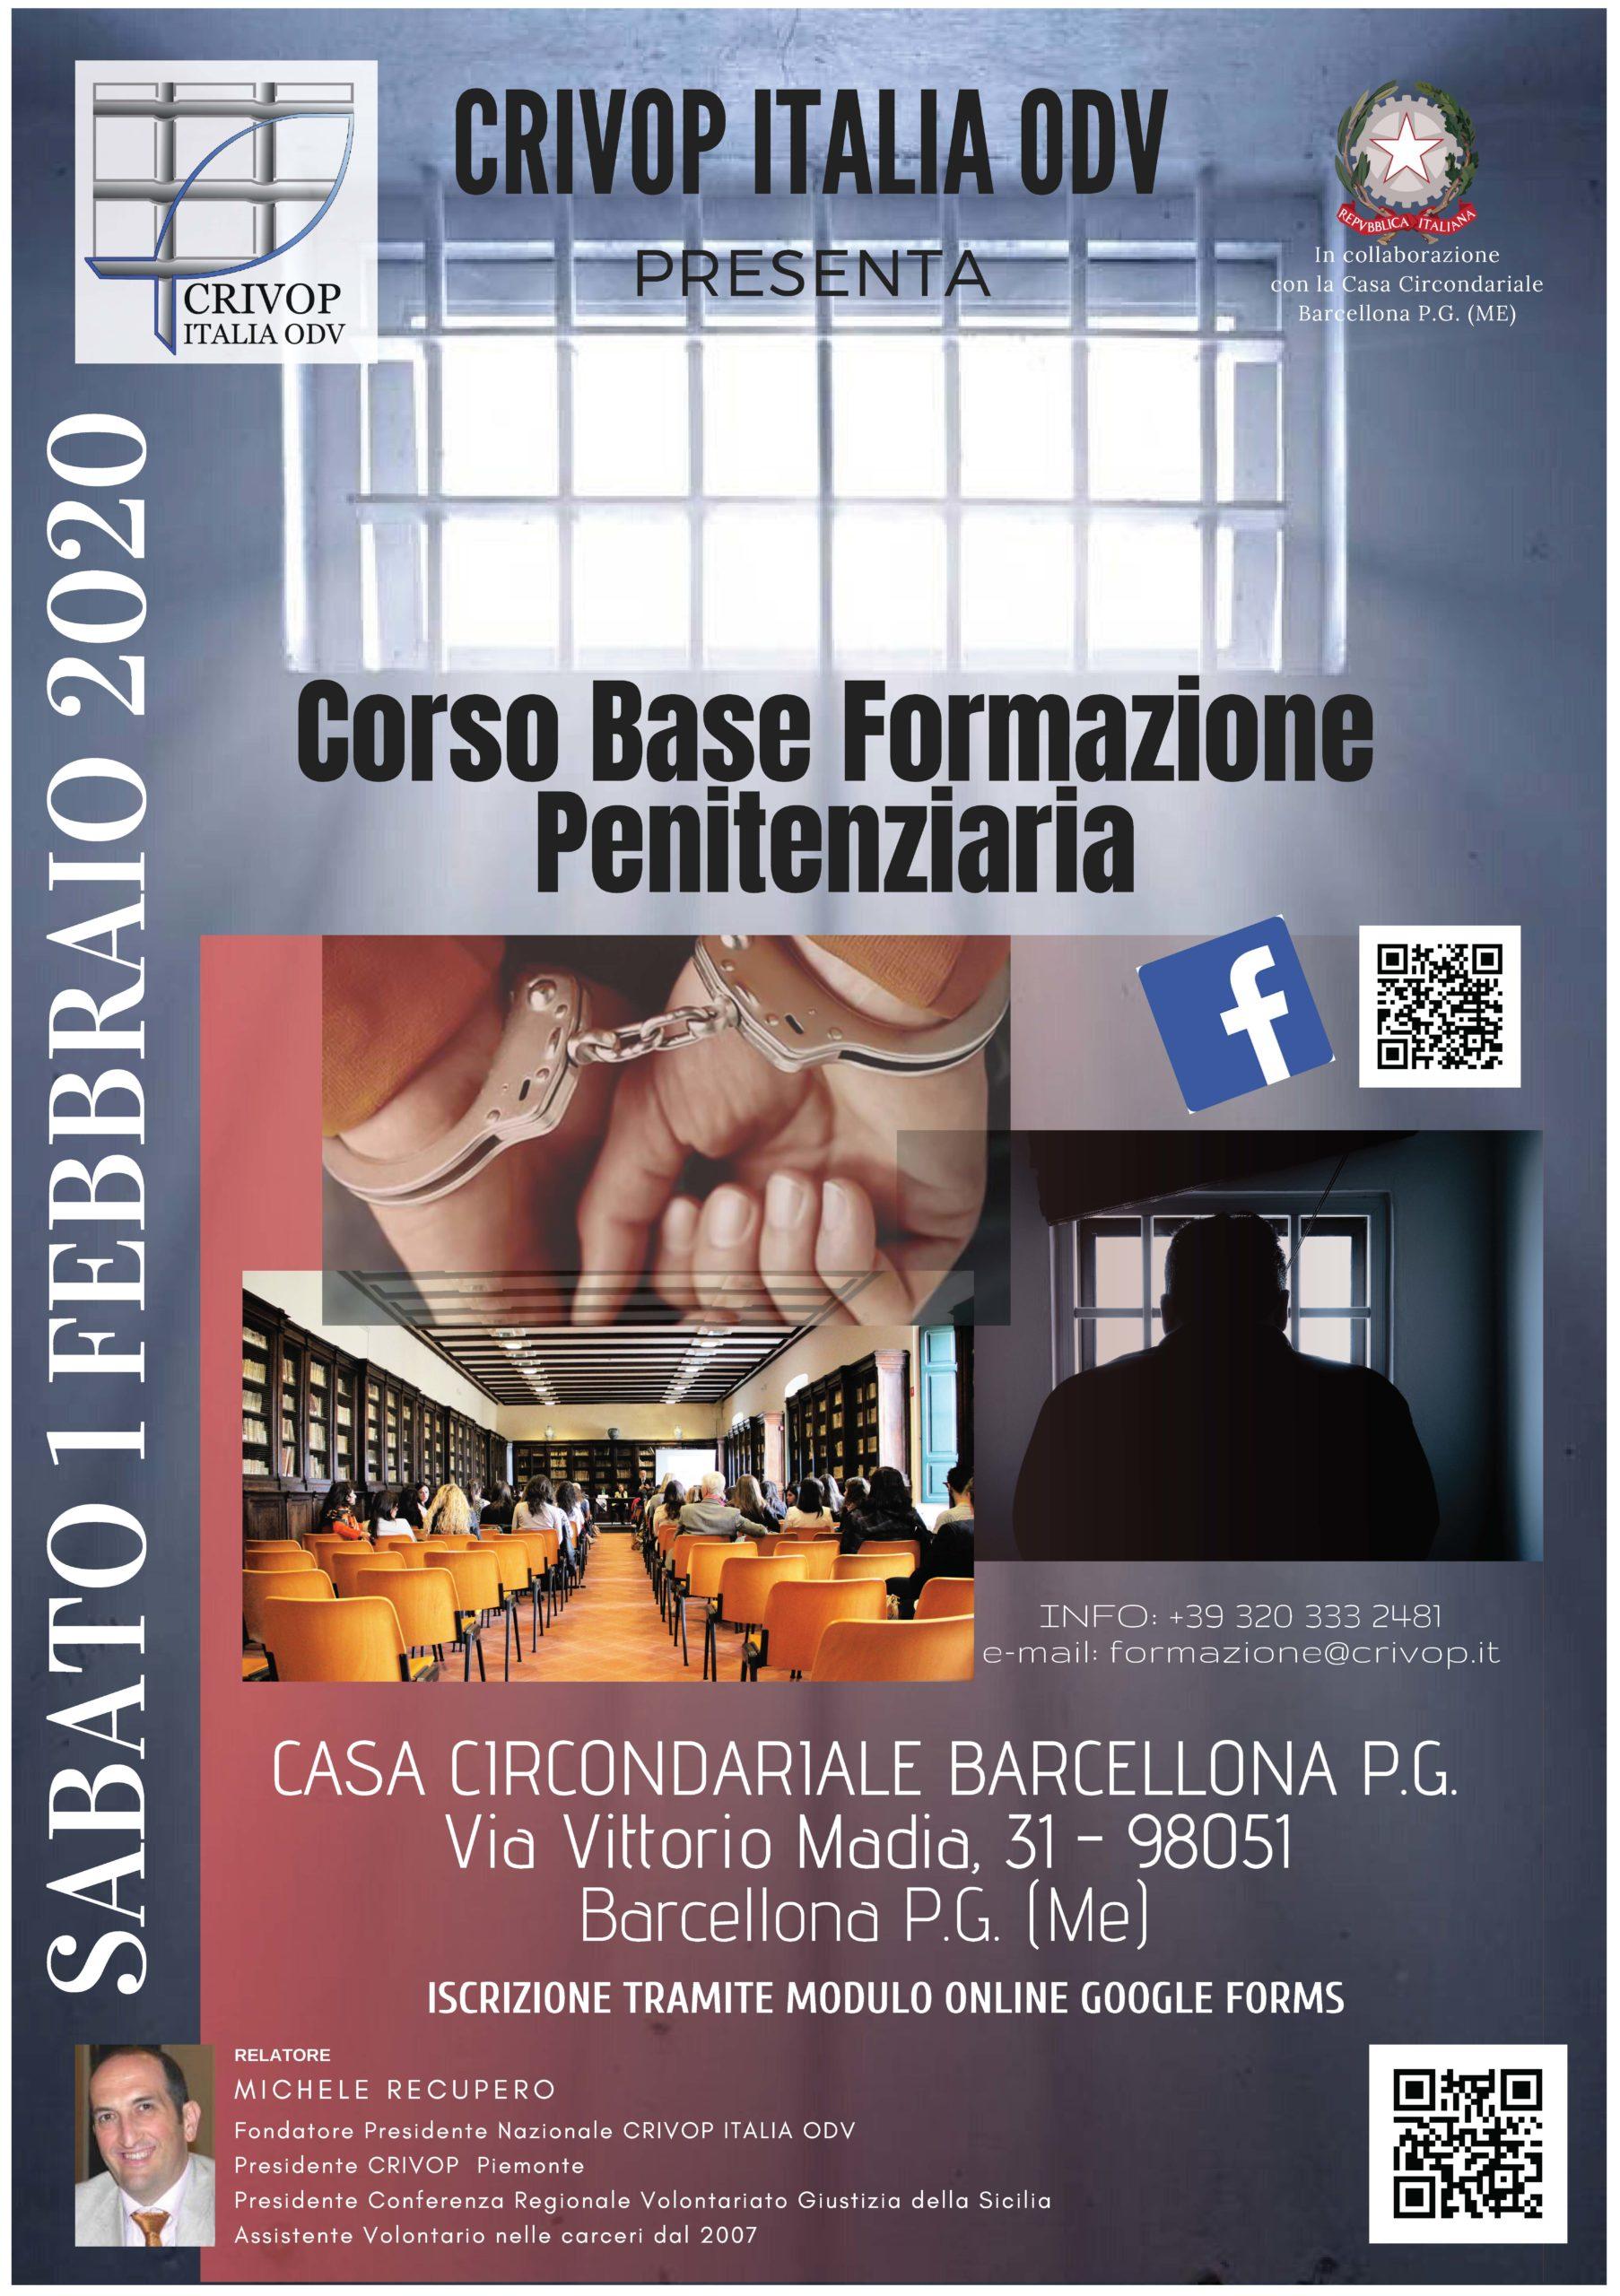 Corso Base Formazione Penitenziaria – Barcellona P. G. (Messina)